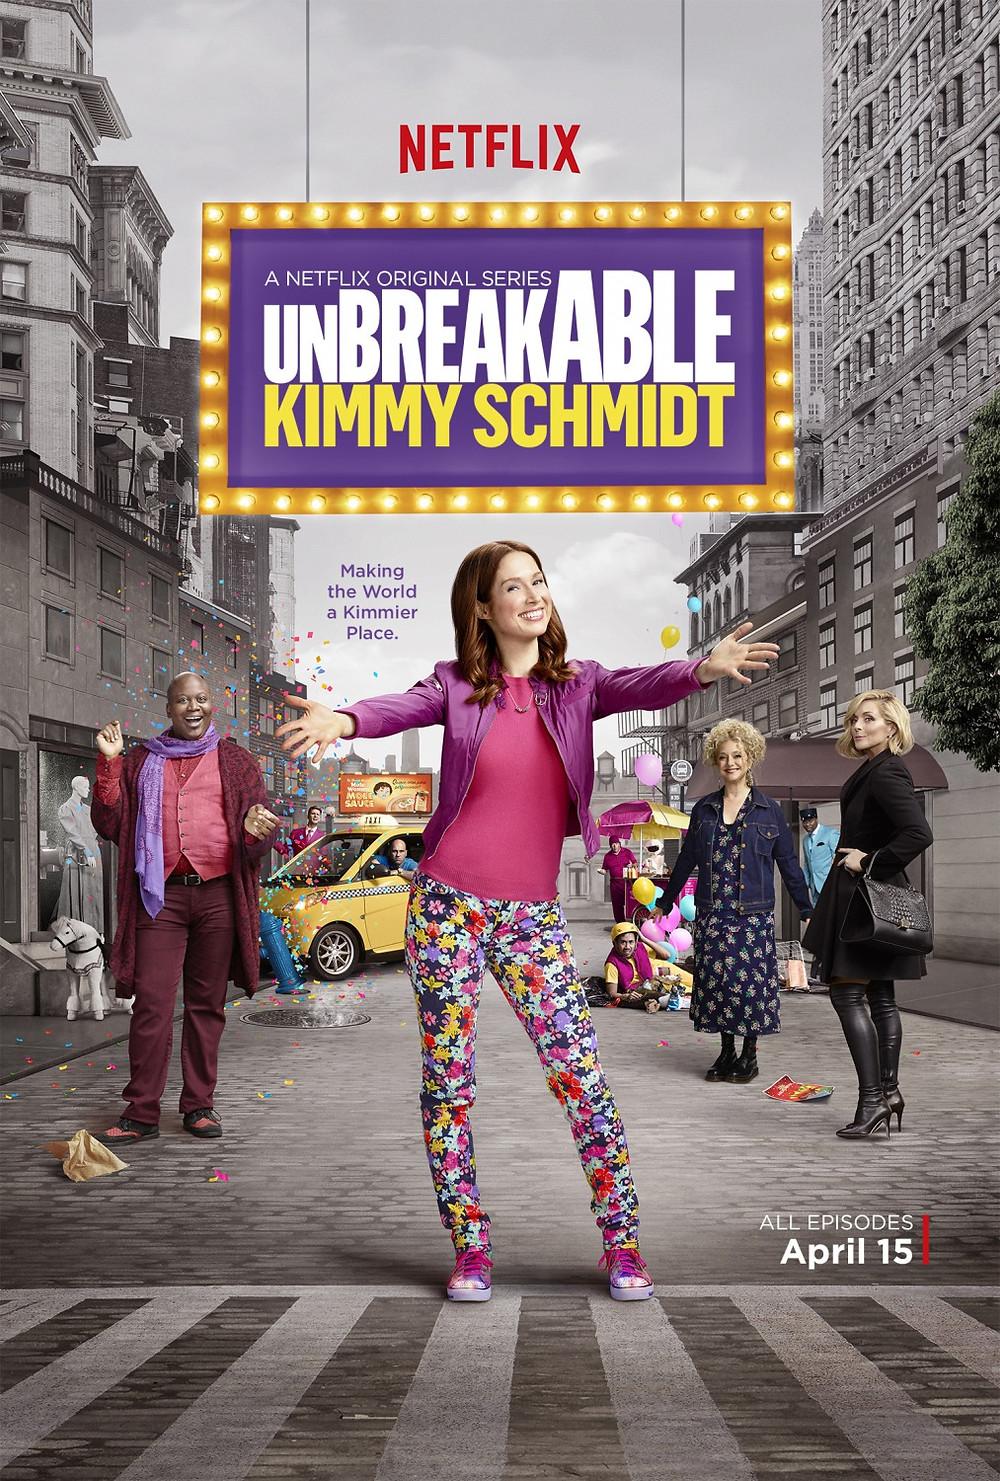 Unbreakable Kimmy Schmidt série netflix